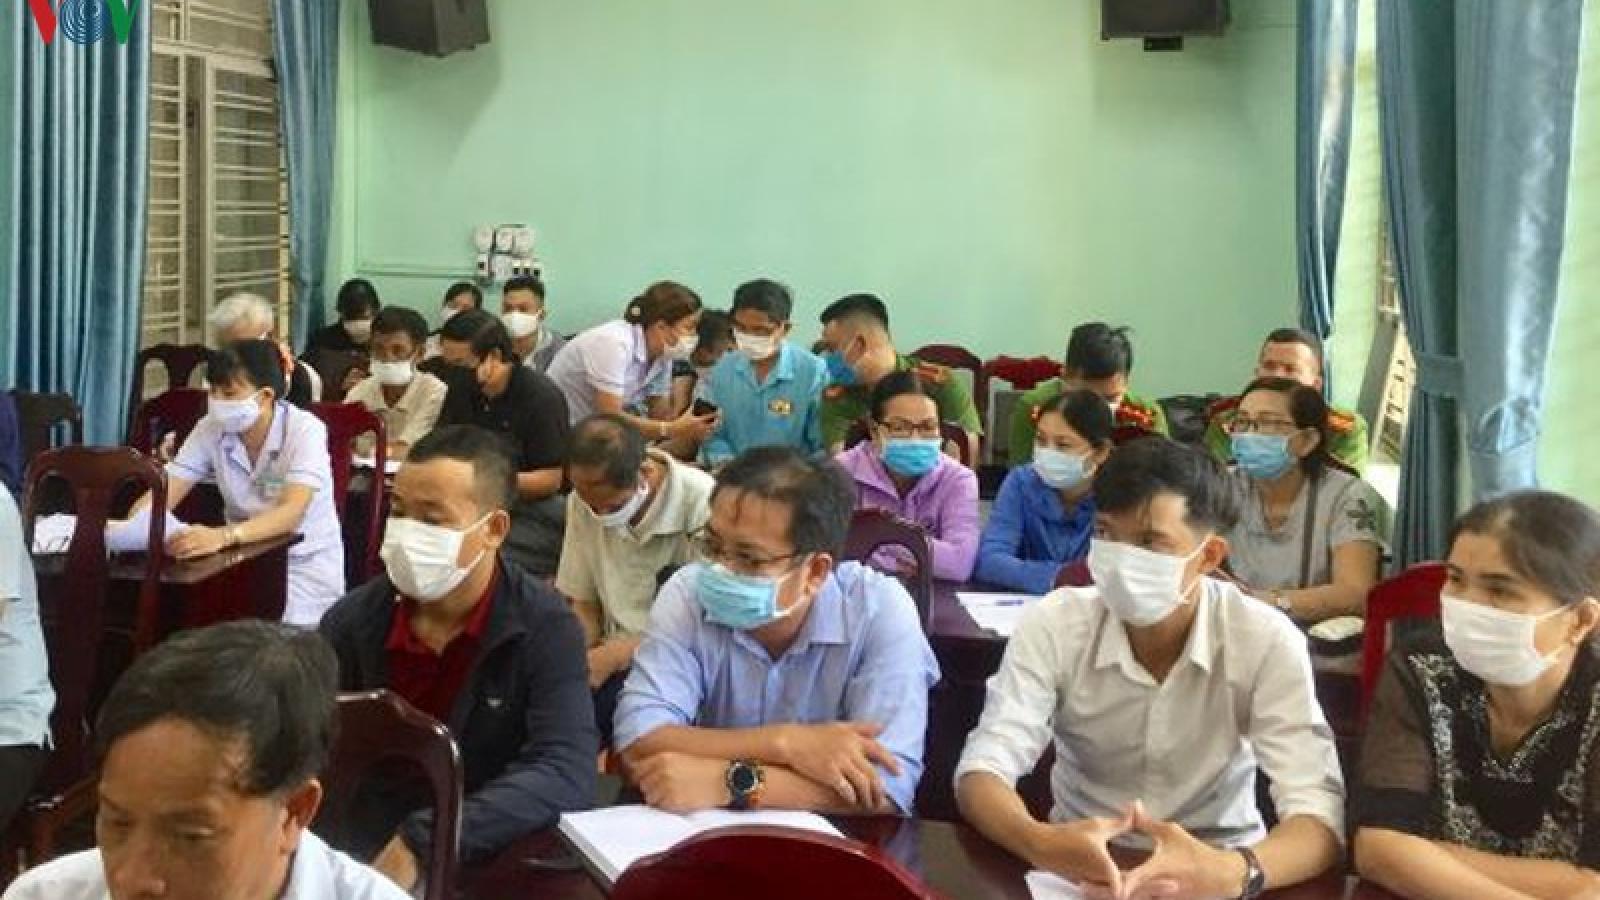 Bộ Y tế hướng dẫn giám sát dân cư nơi bệnh nhân 416 cư trú